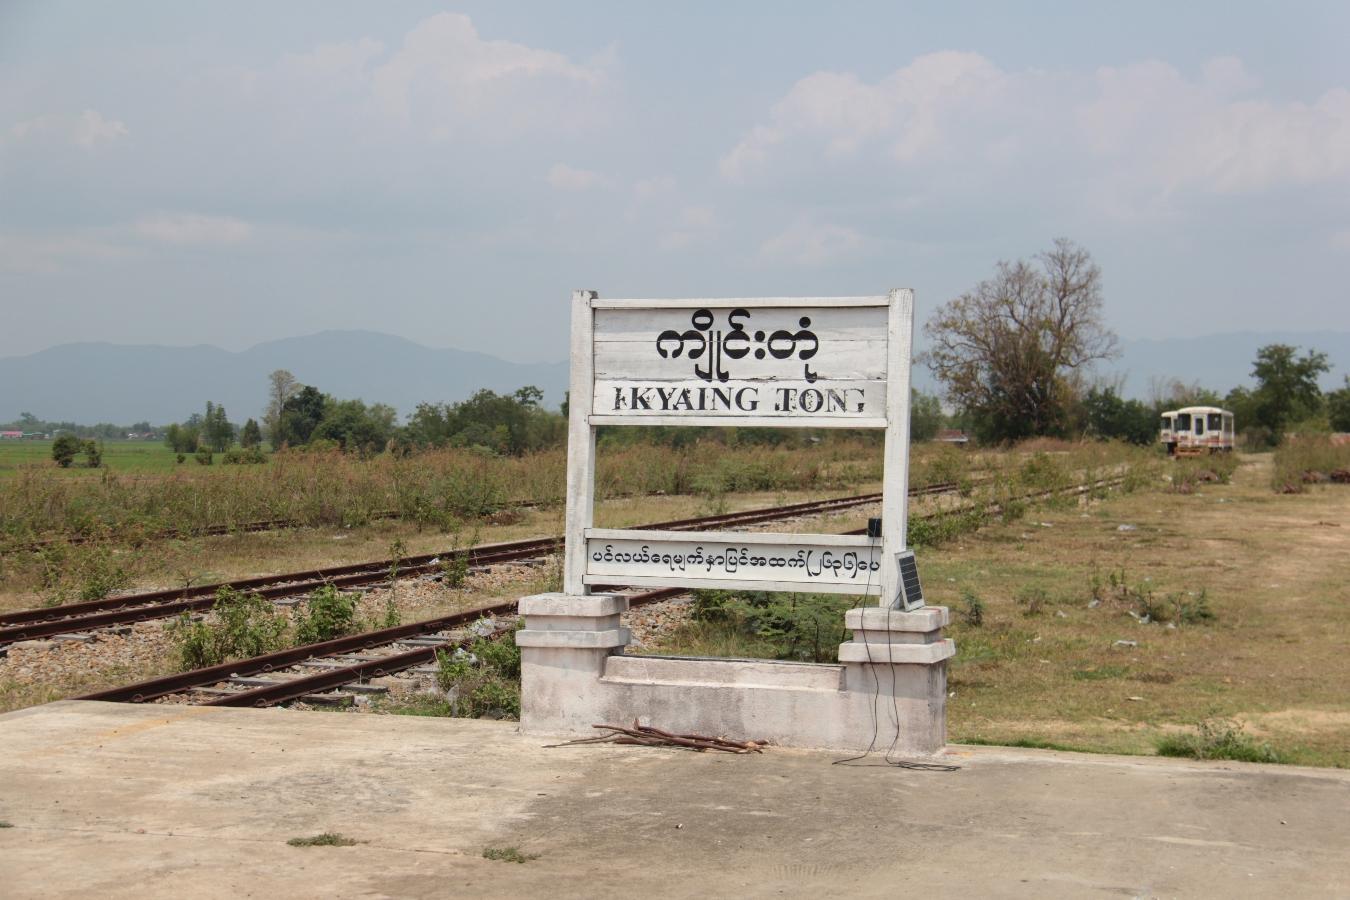 Der Bahnhof von Kyaingtong ist nicht in Betrieb, soll aber Kyaingtong mit den Orten der Region verbinden